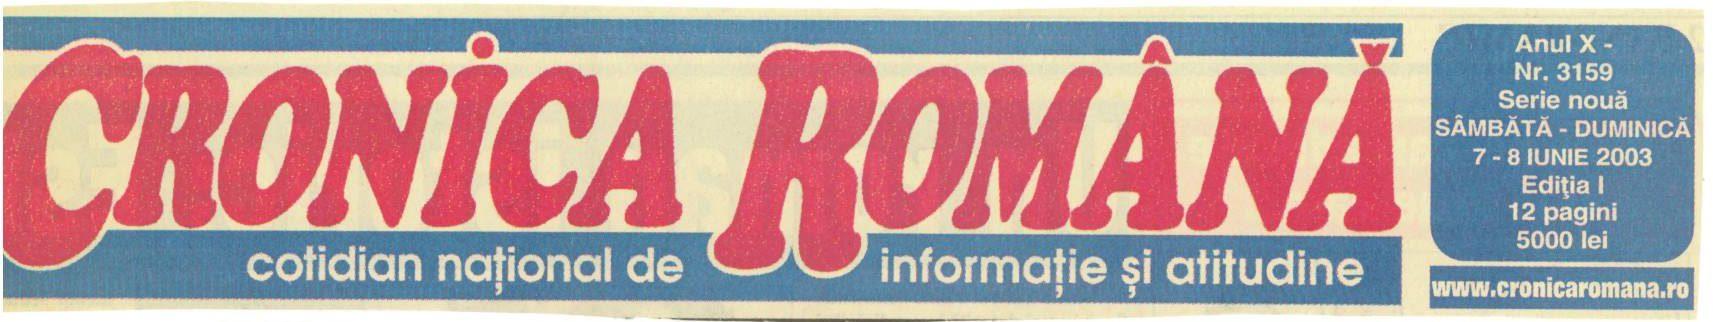 Cronica Română